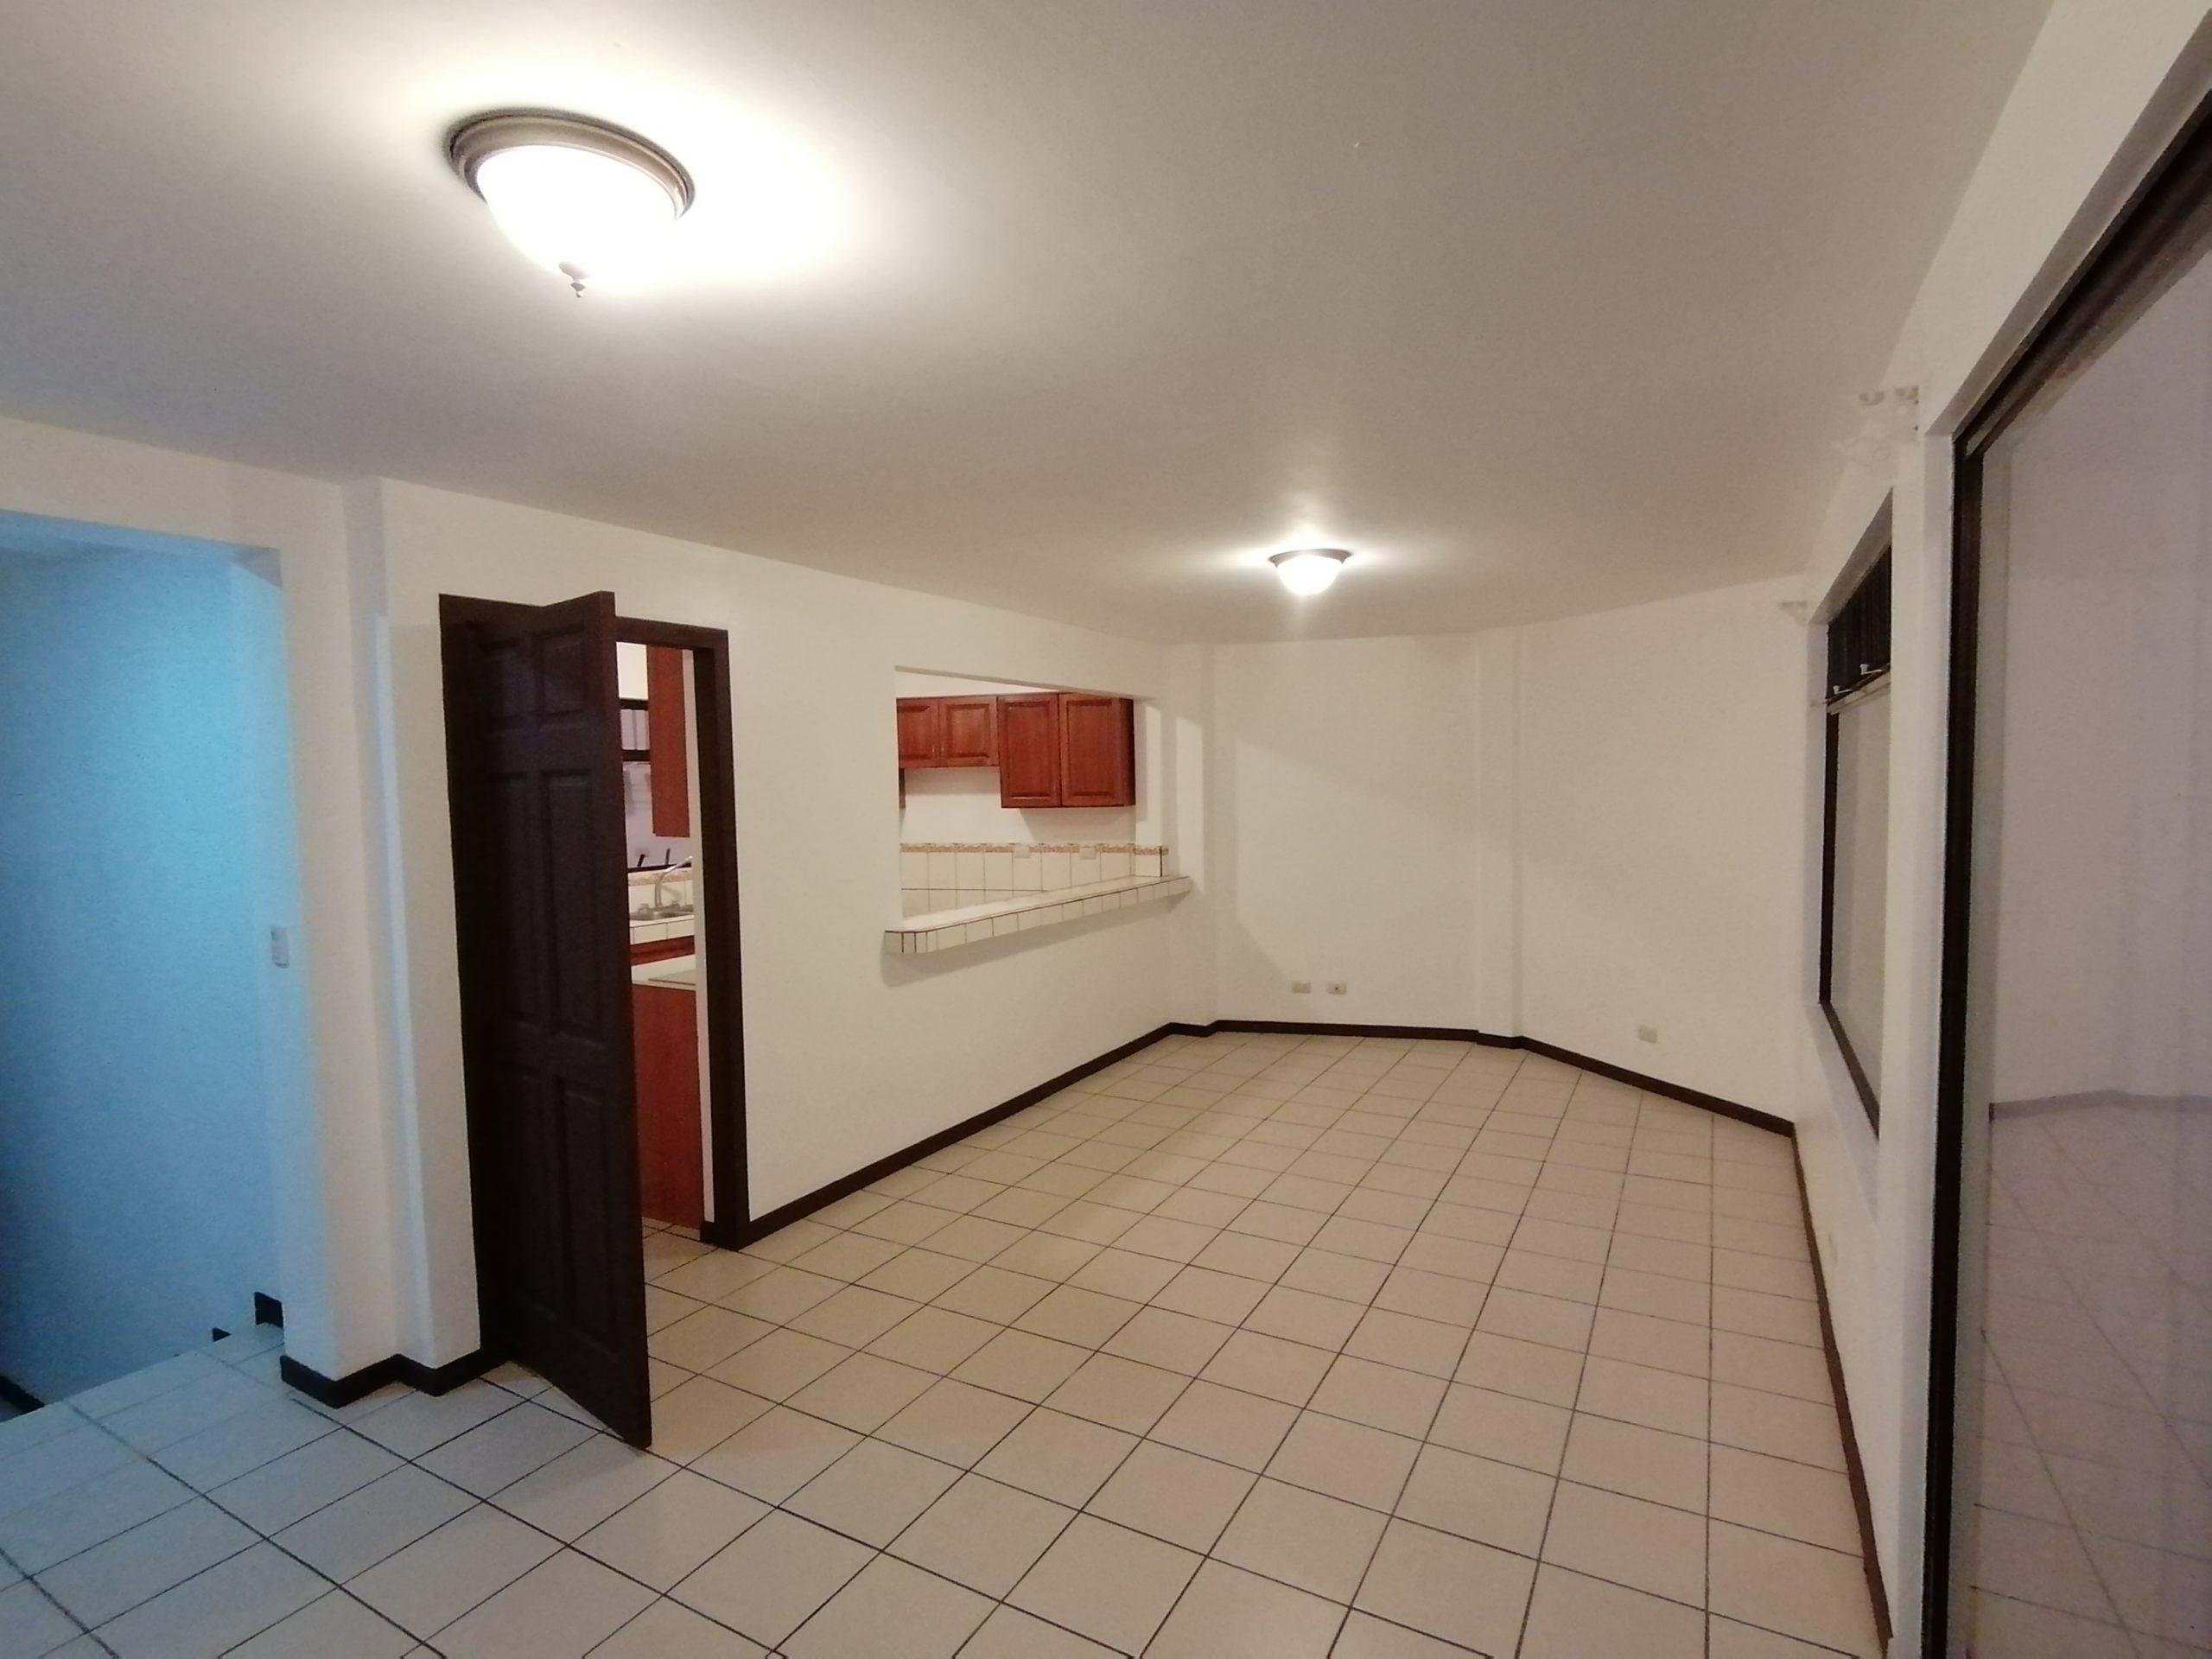 2601 Se Alquila apartamento dentro de Residencial en La Uruca